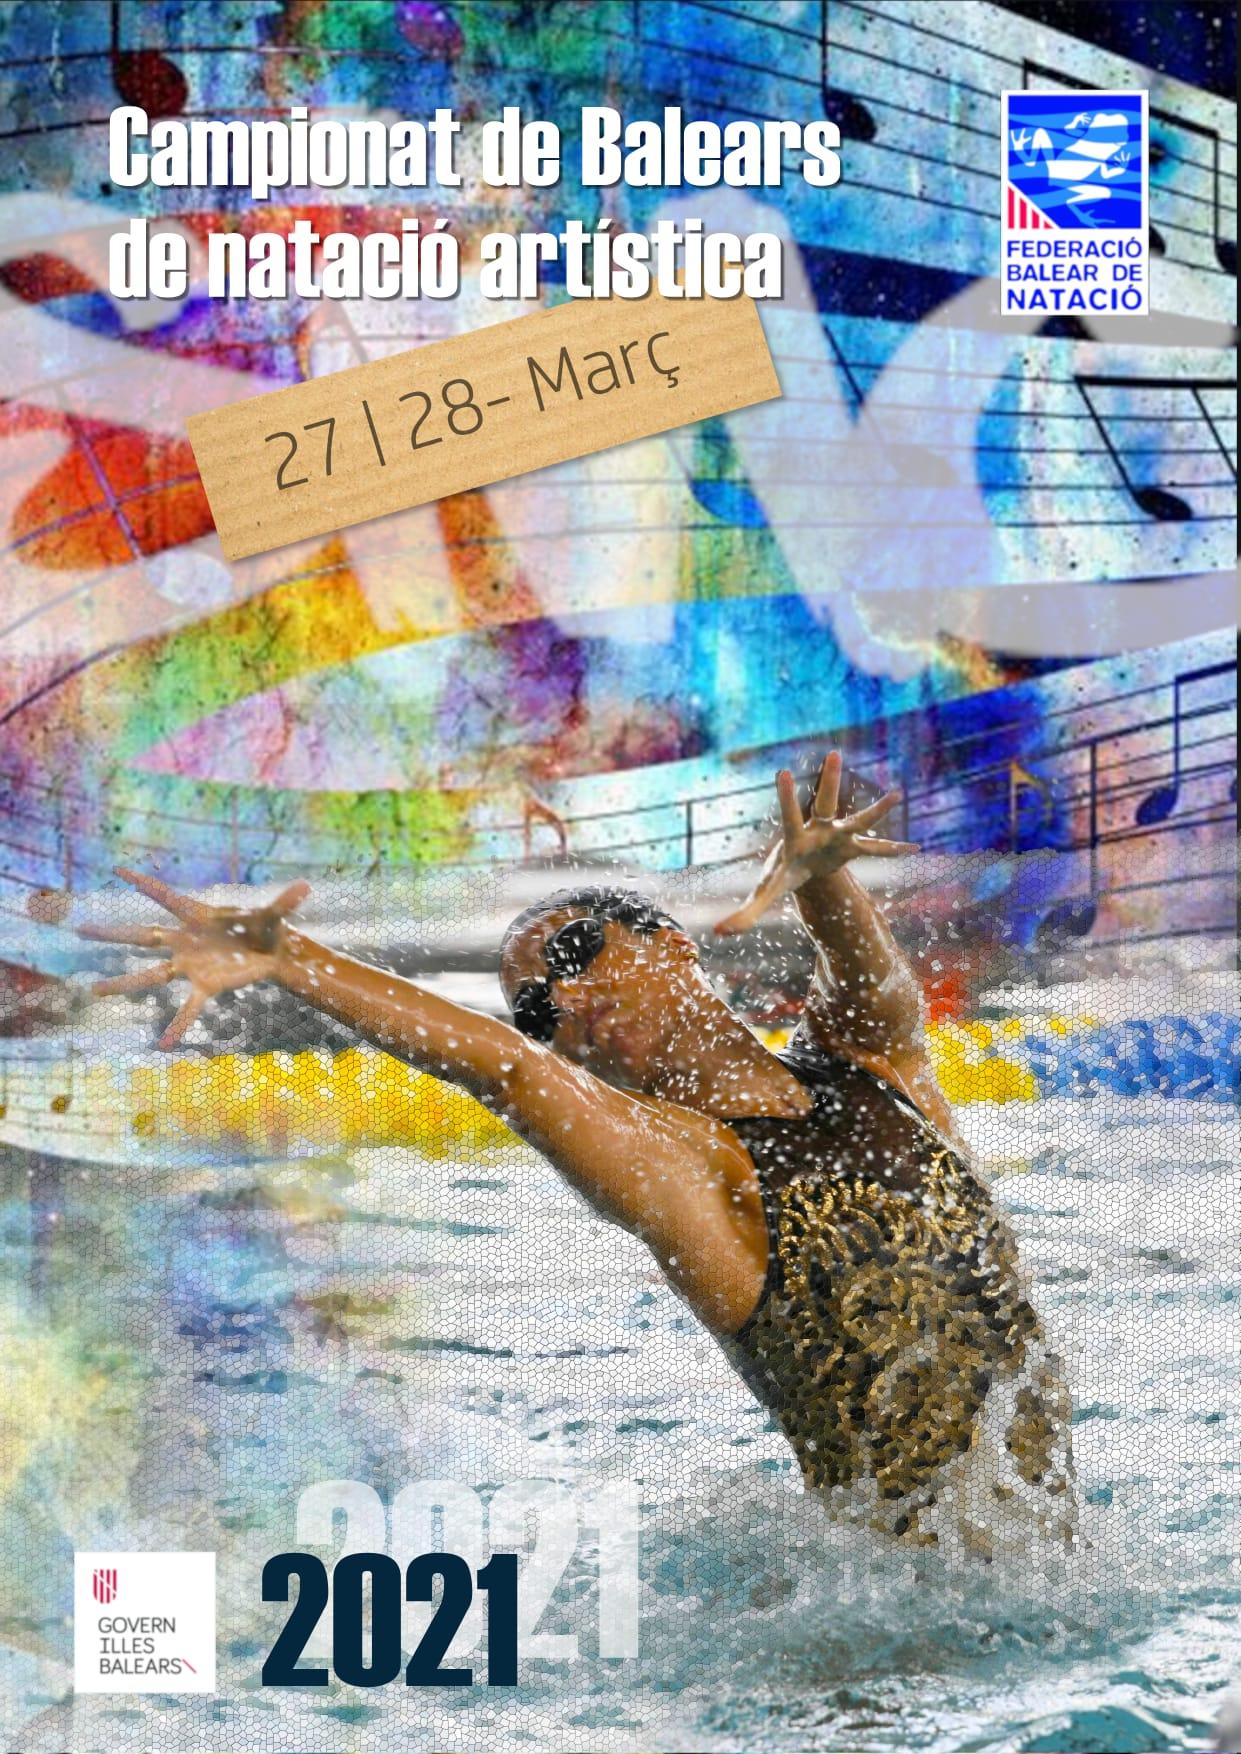 CAMPEONATO DE BALEARES DE INVIERNO DE NATACIÓN ARTÍSTICA